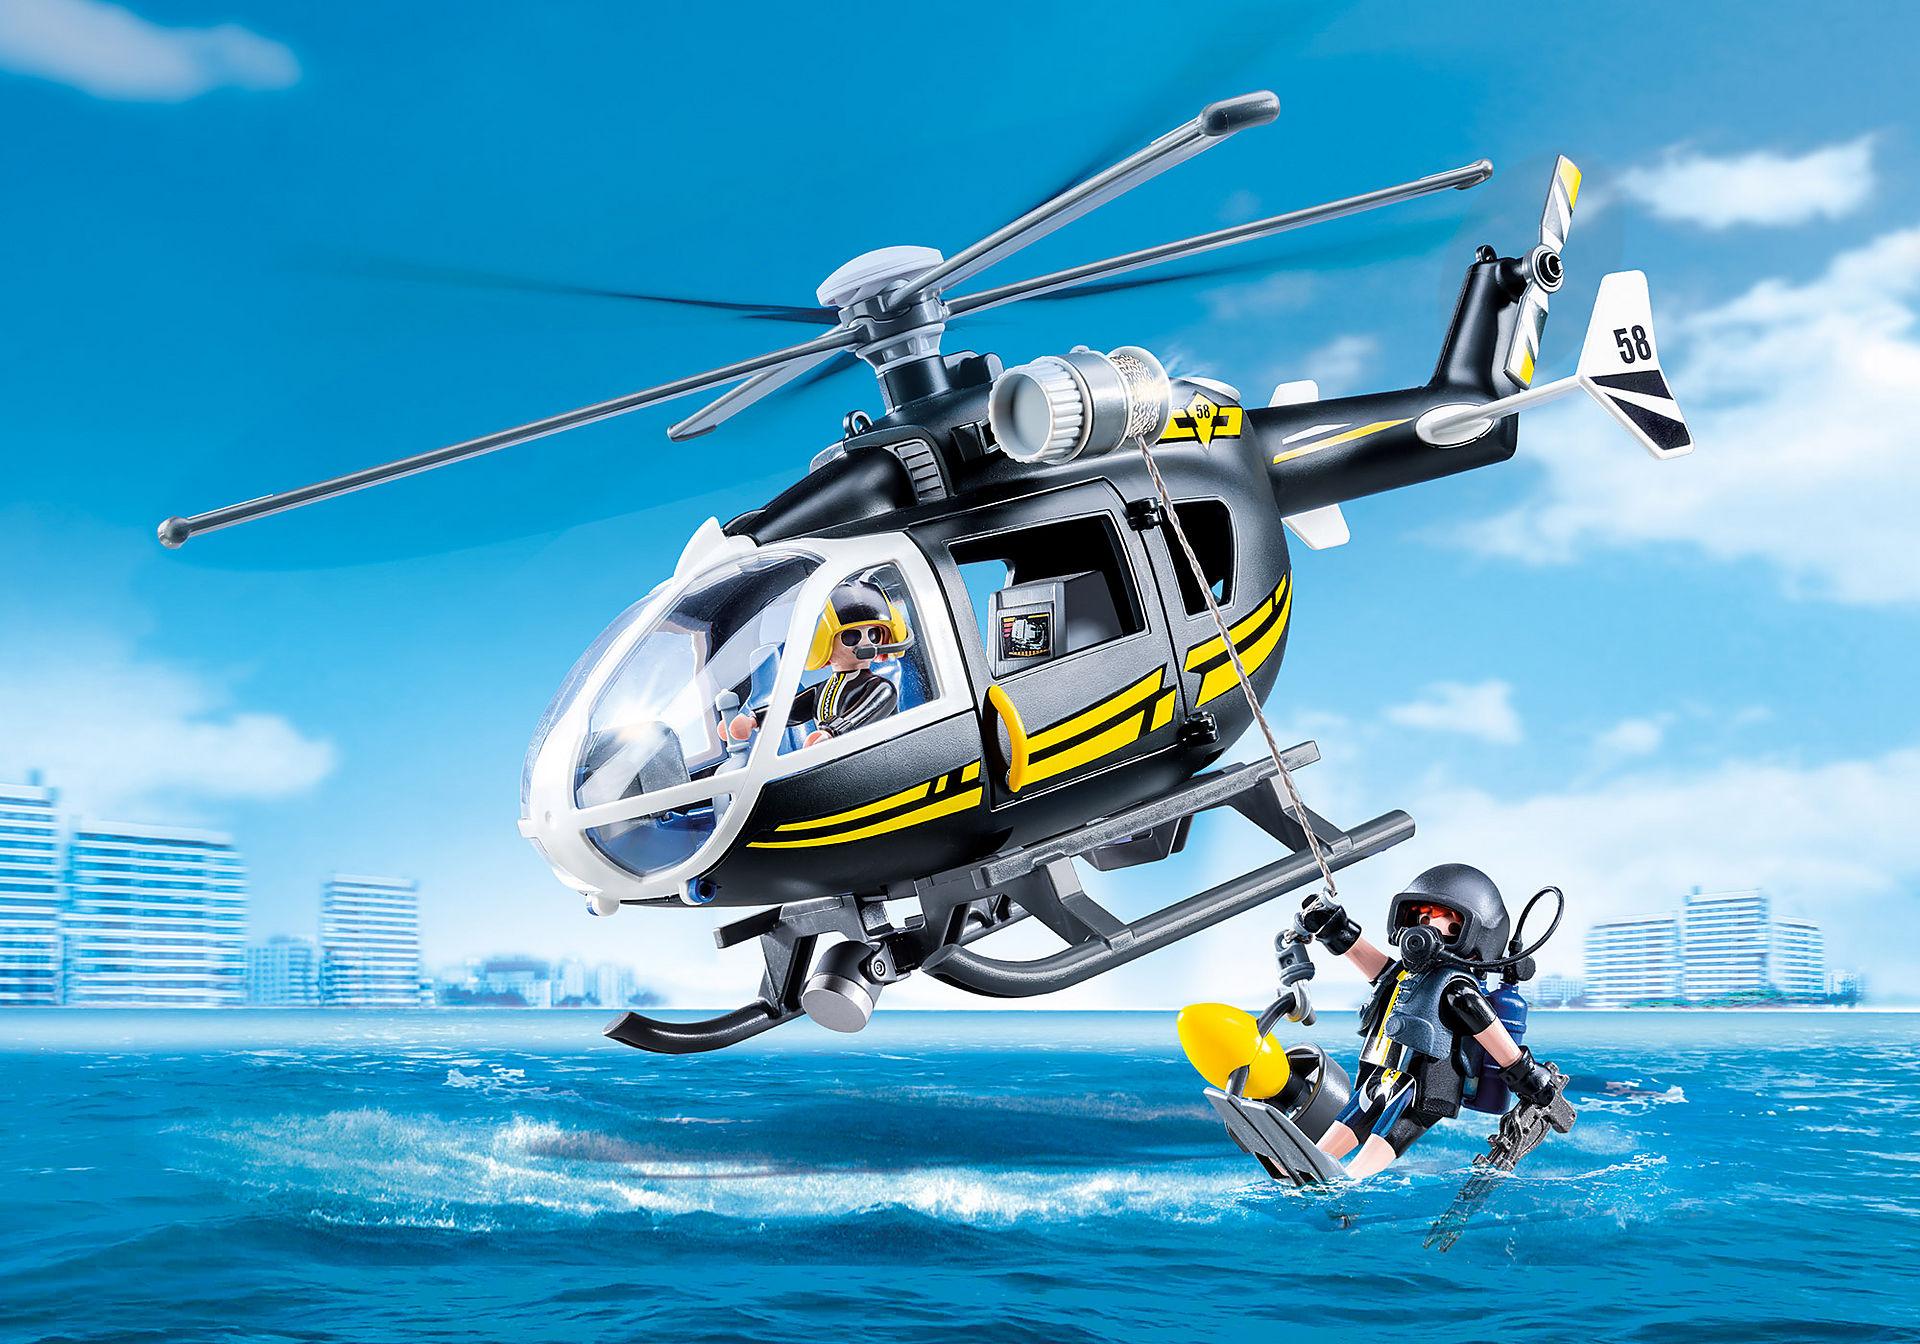 9363 Insatshelikopter zoom image1